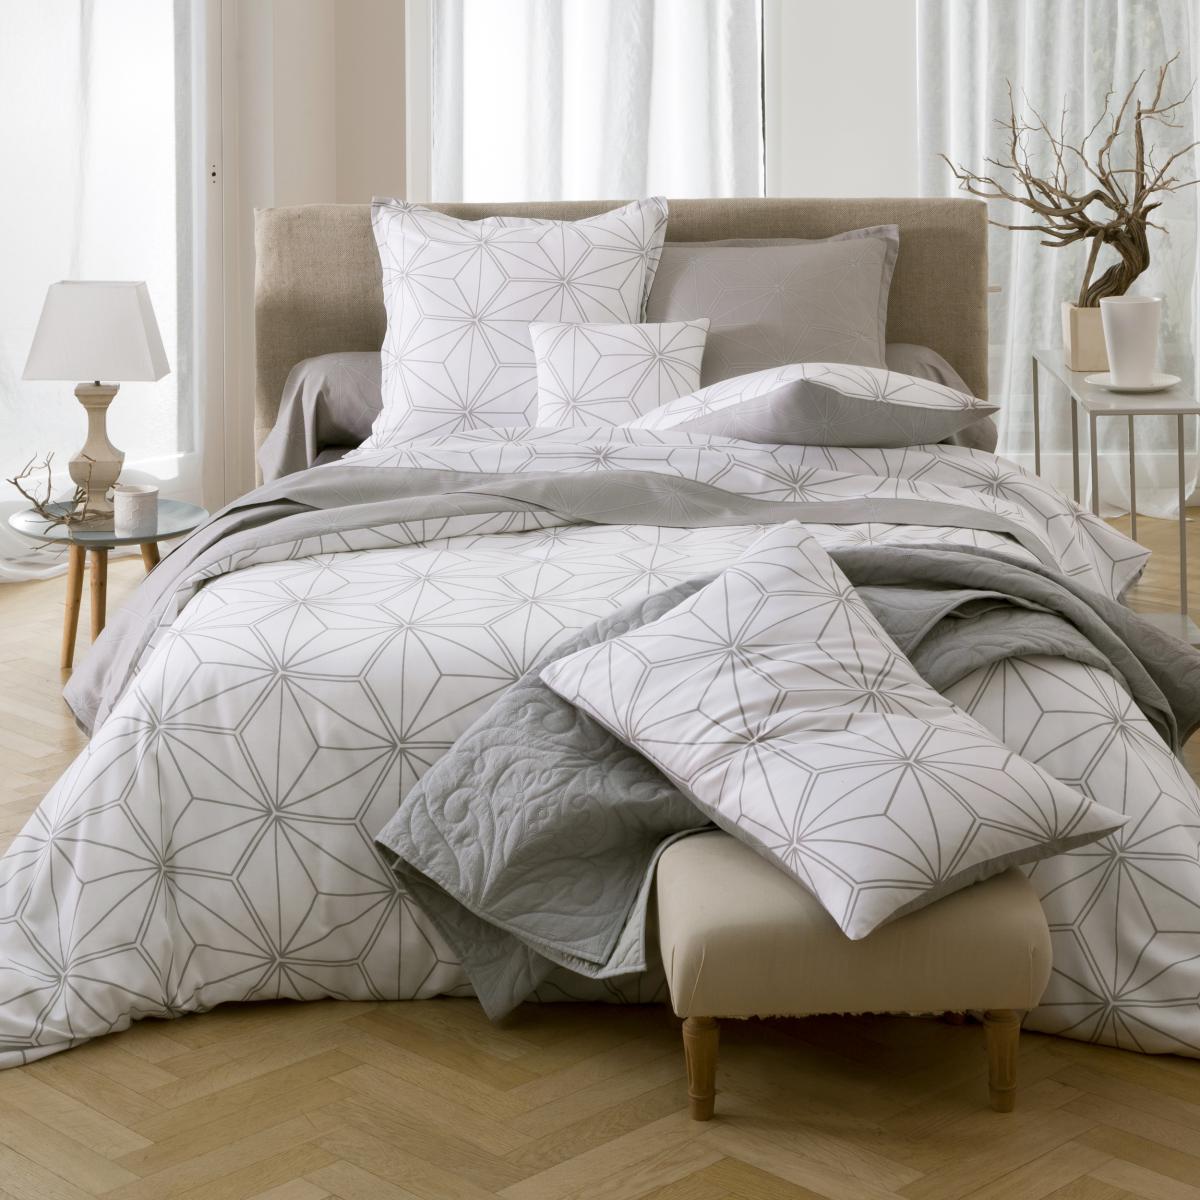 parure perseides soldes jusqu 39 55 linge de lit de. Black Bedroom Furniture Sets. Home Design Ideas